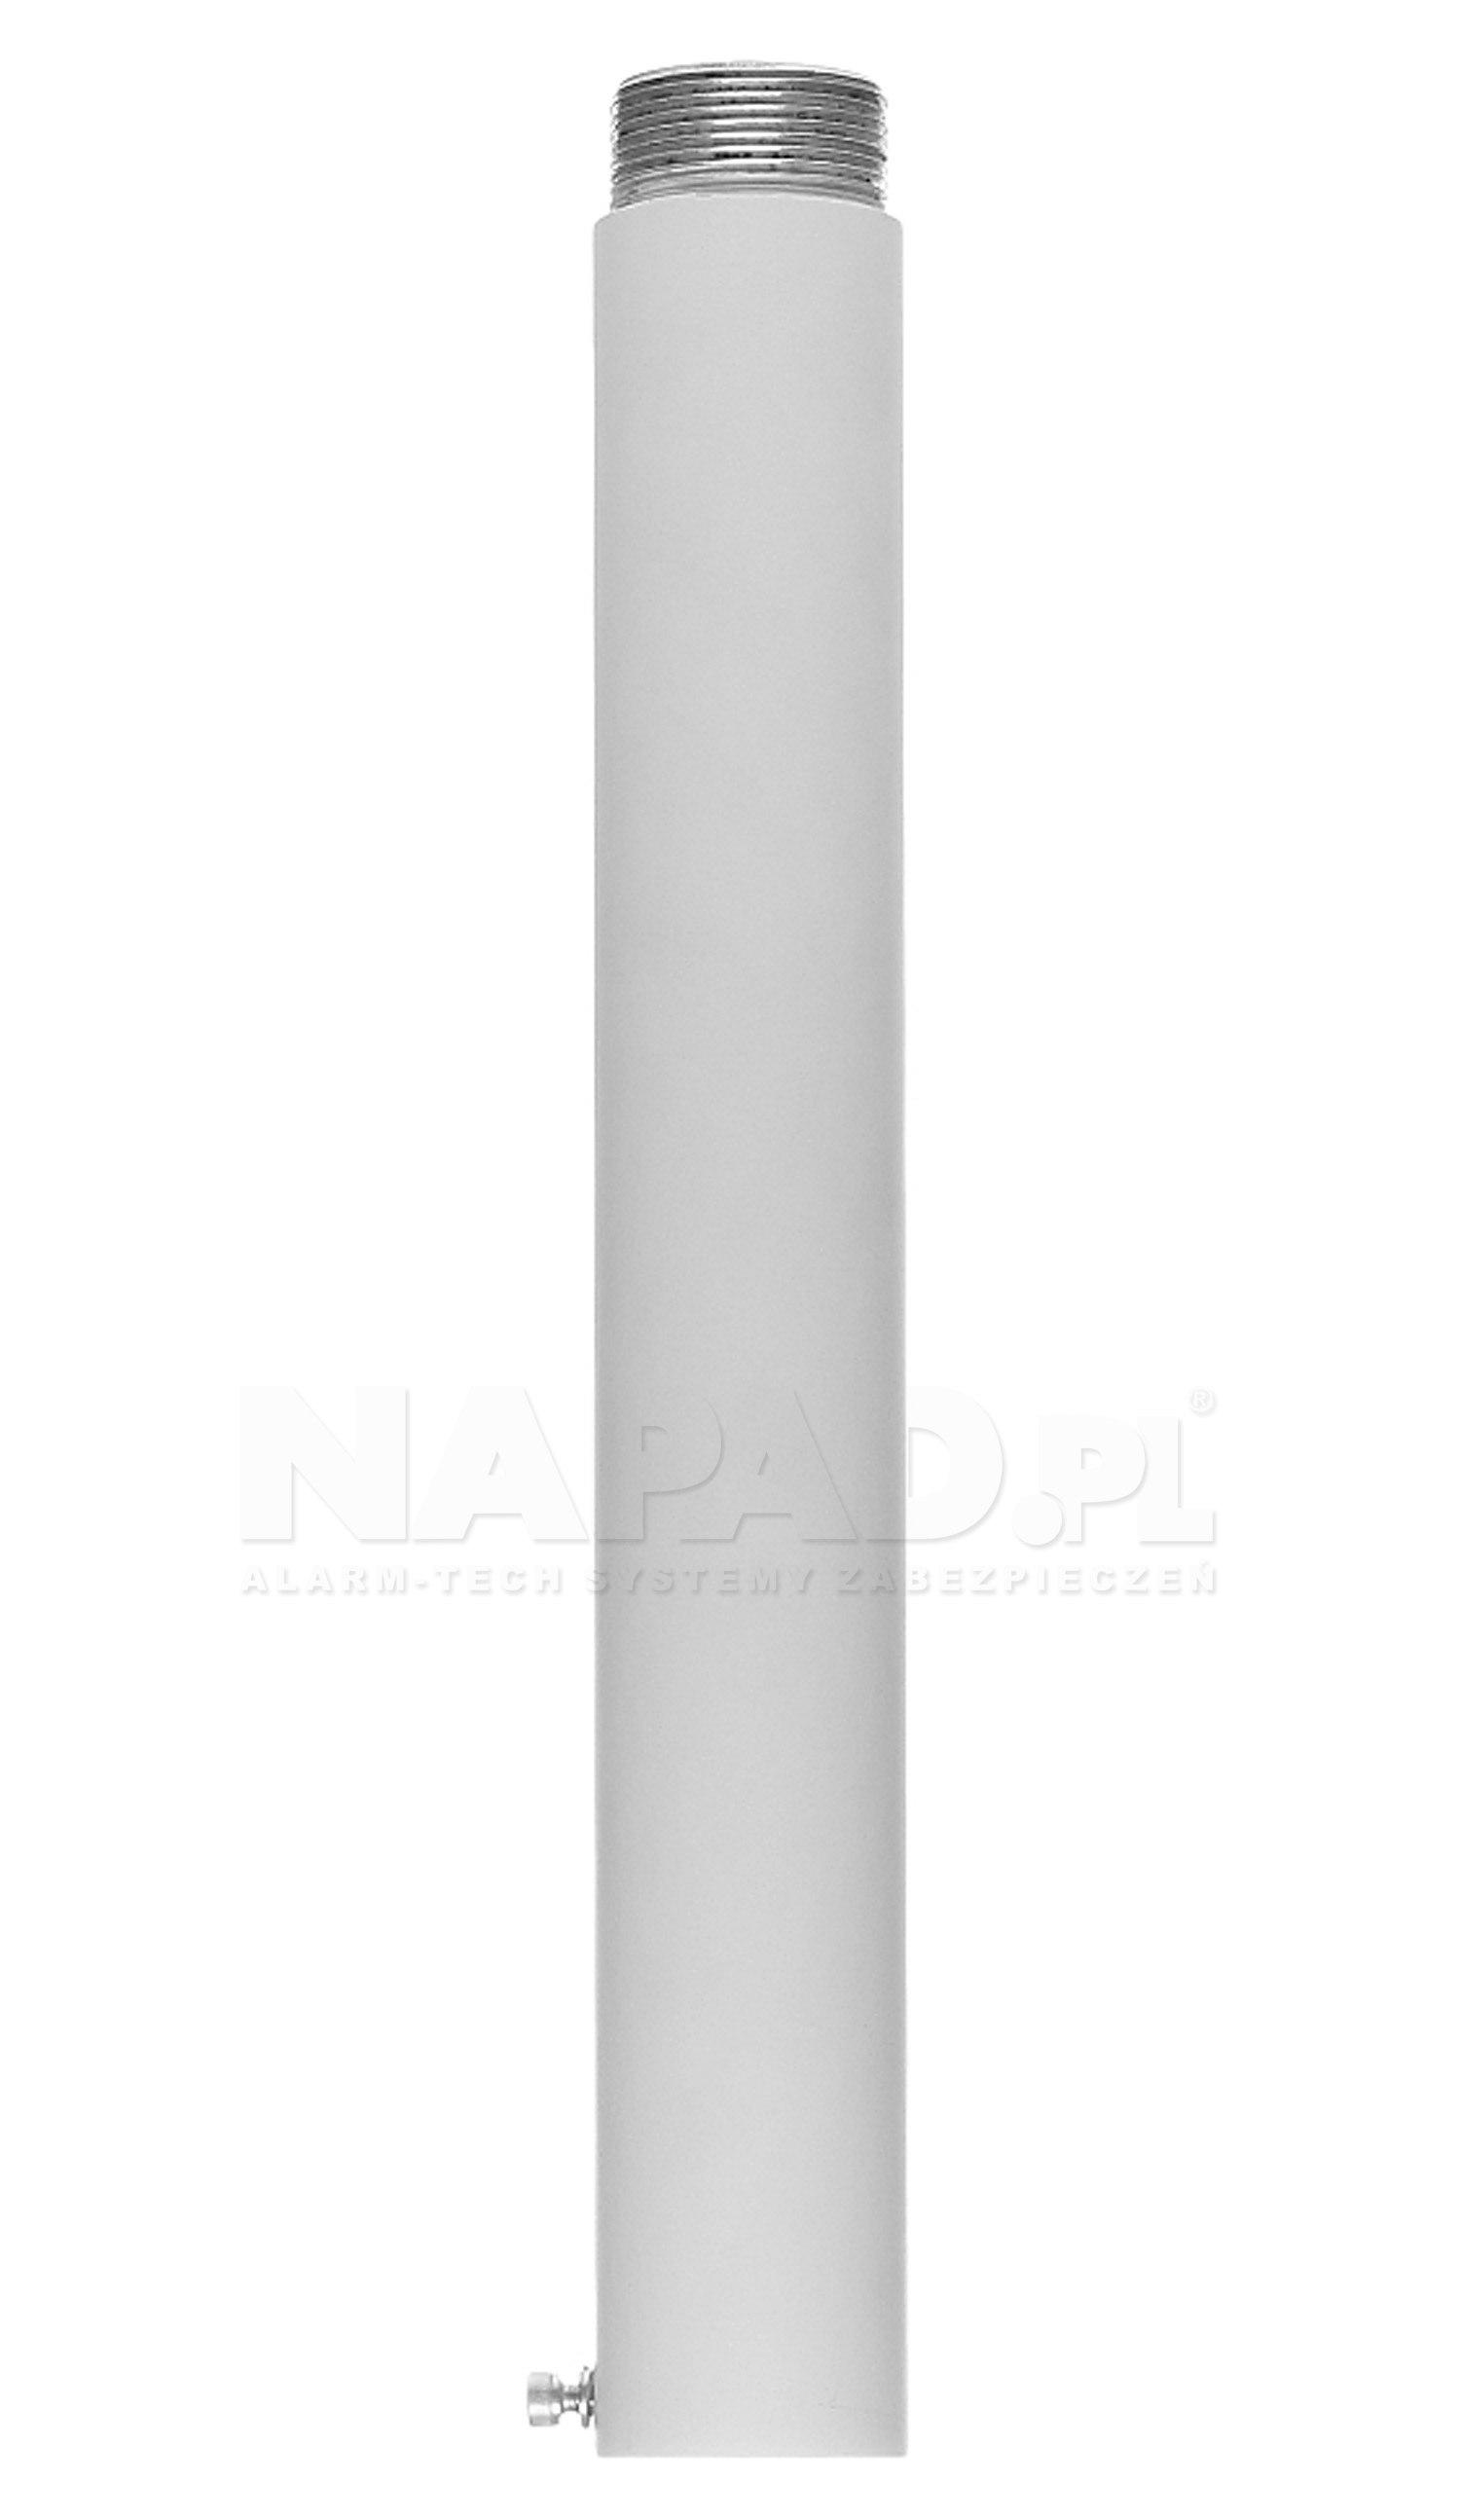 Przedłużka długa DH-PFA113